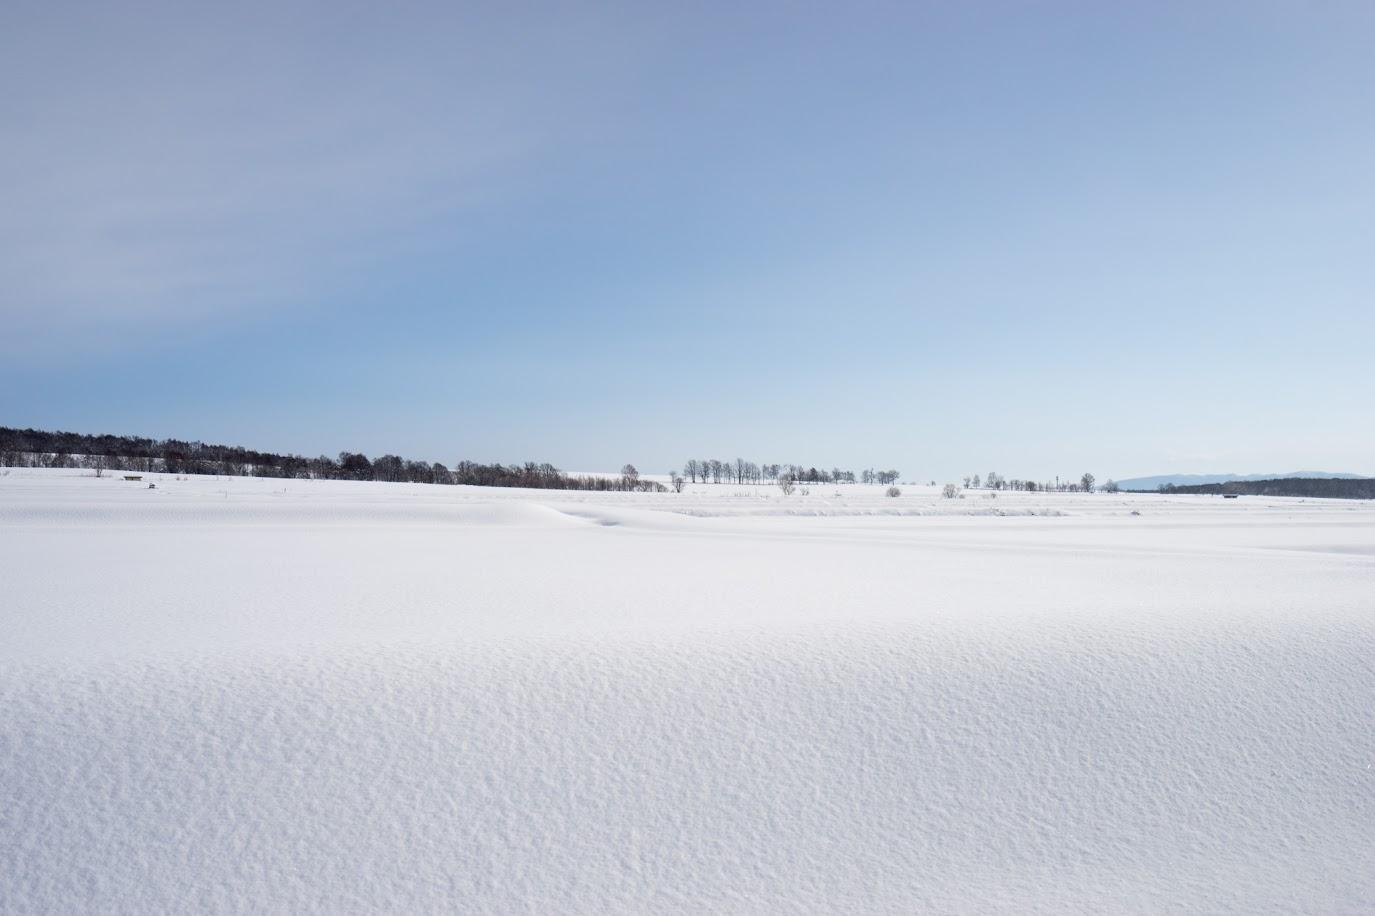 粉砂糖を振りかけたような雪原